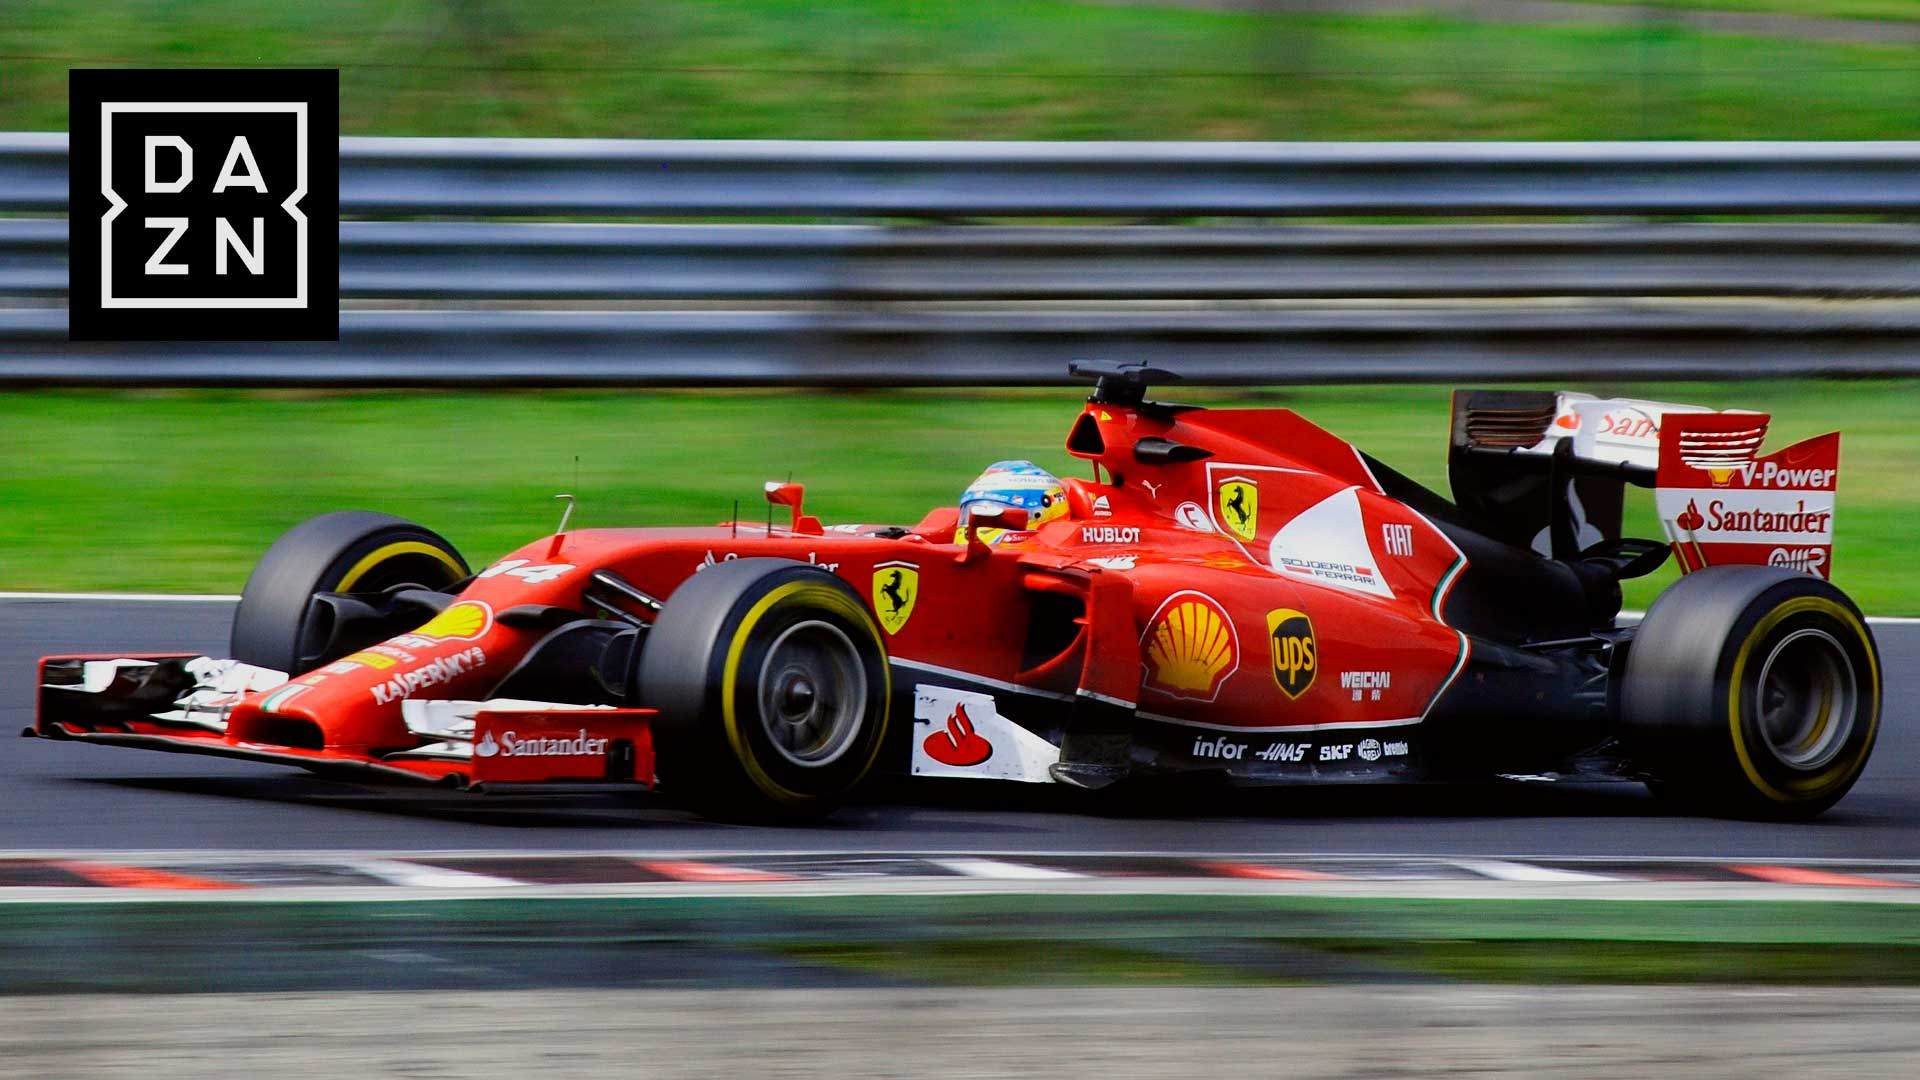 DAZN pujará por Formula 1 en 2021